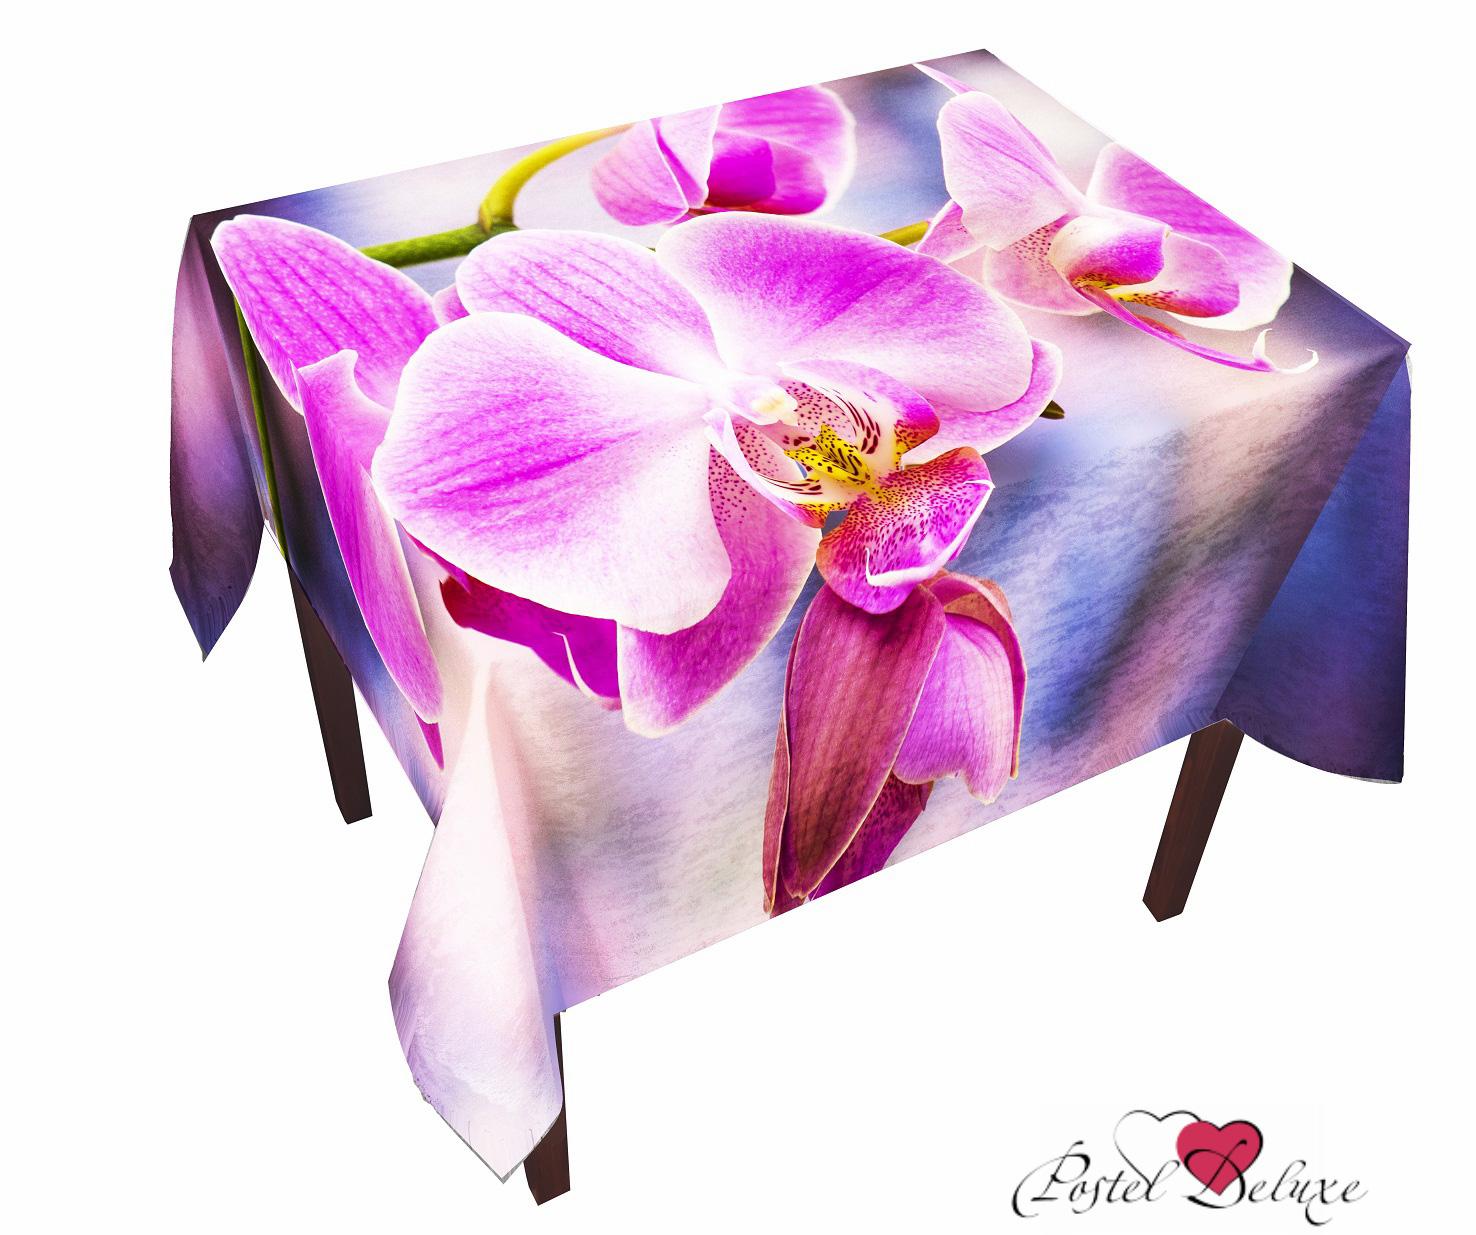 Скатерти и салфетки Elegante Скатерть Орхидея (120х150 см) скатерть прямоугольная 120х150 niklen скатерть прямоугольная 120х150